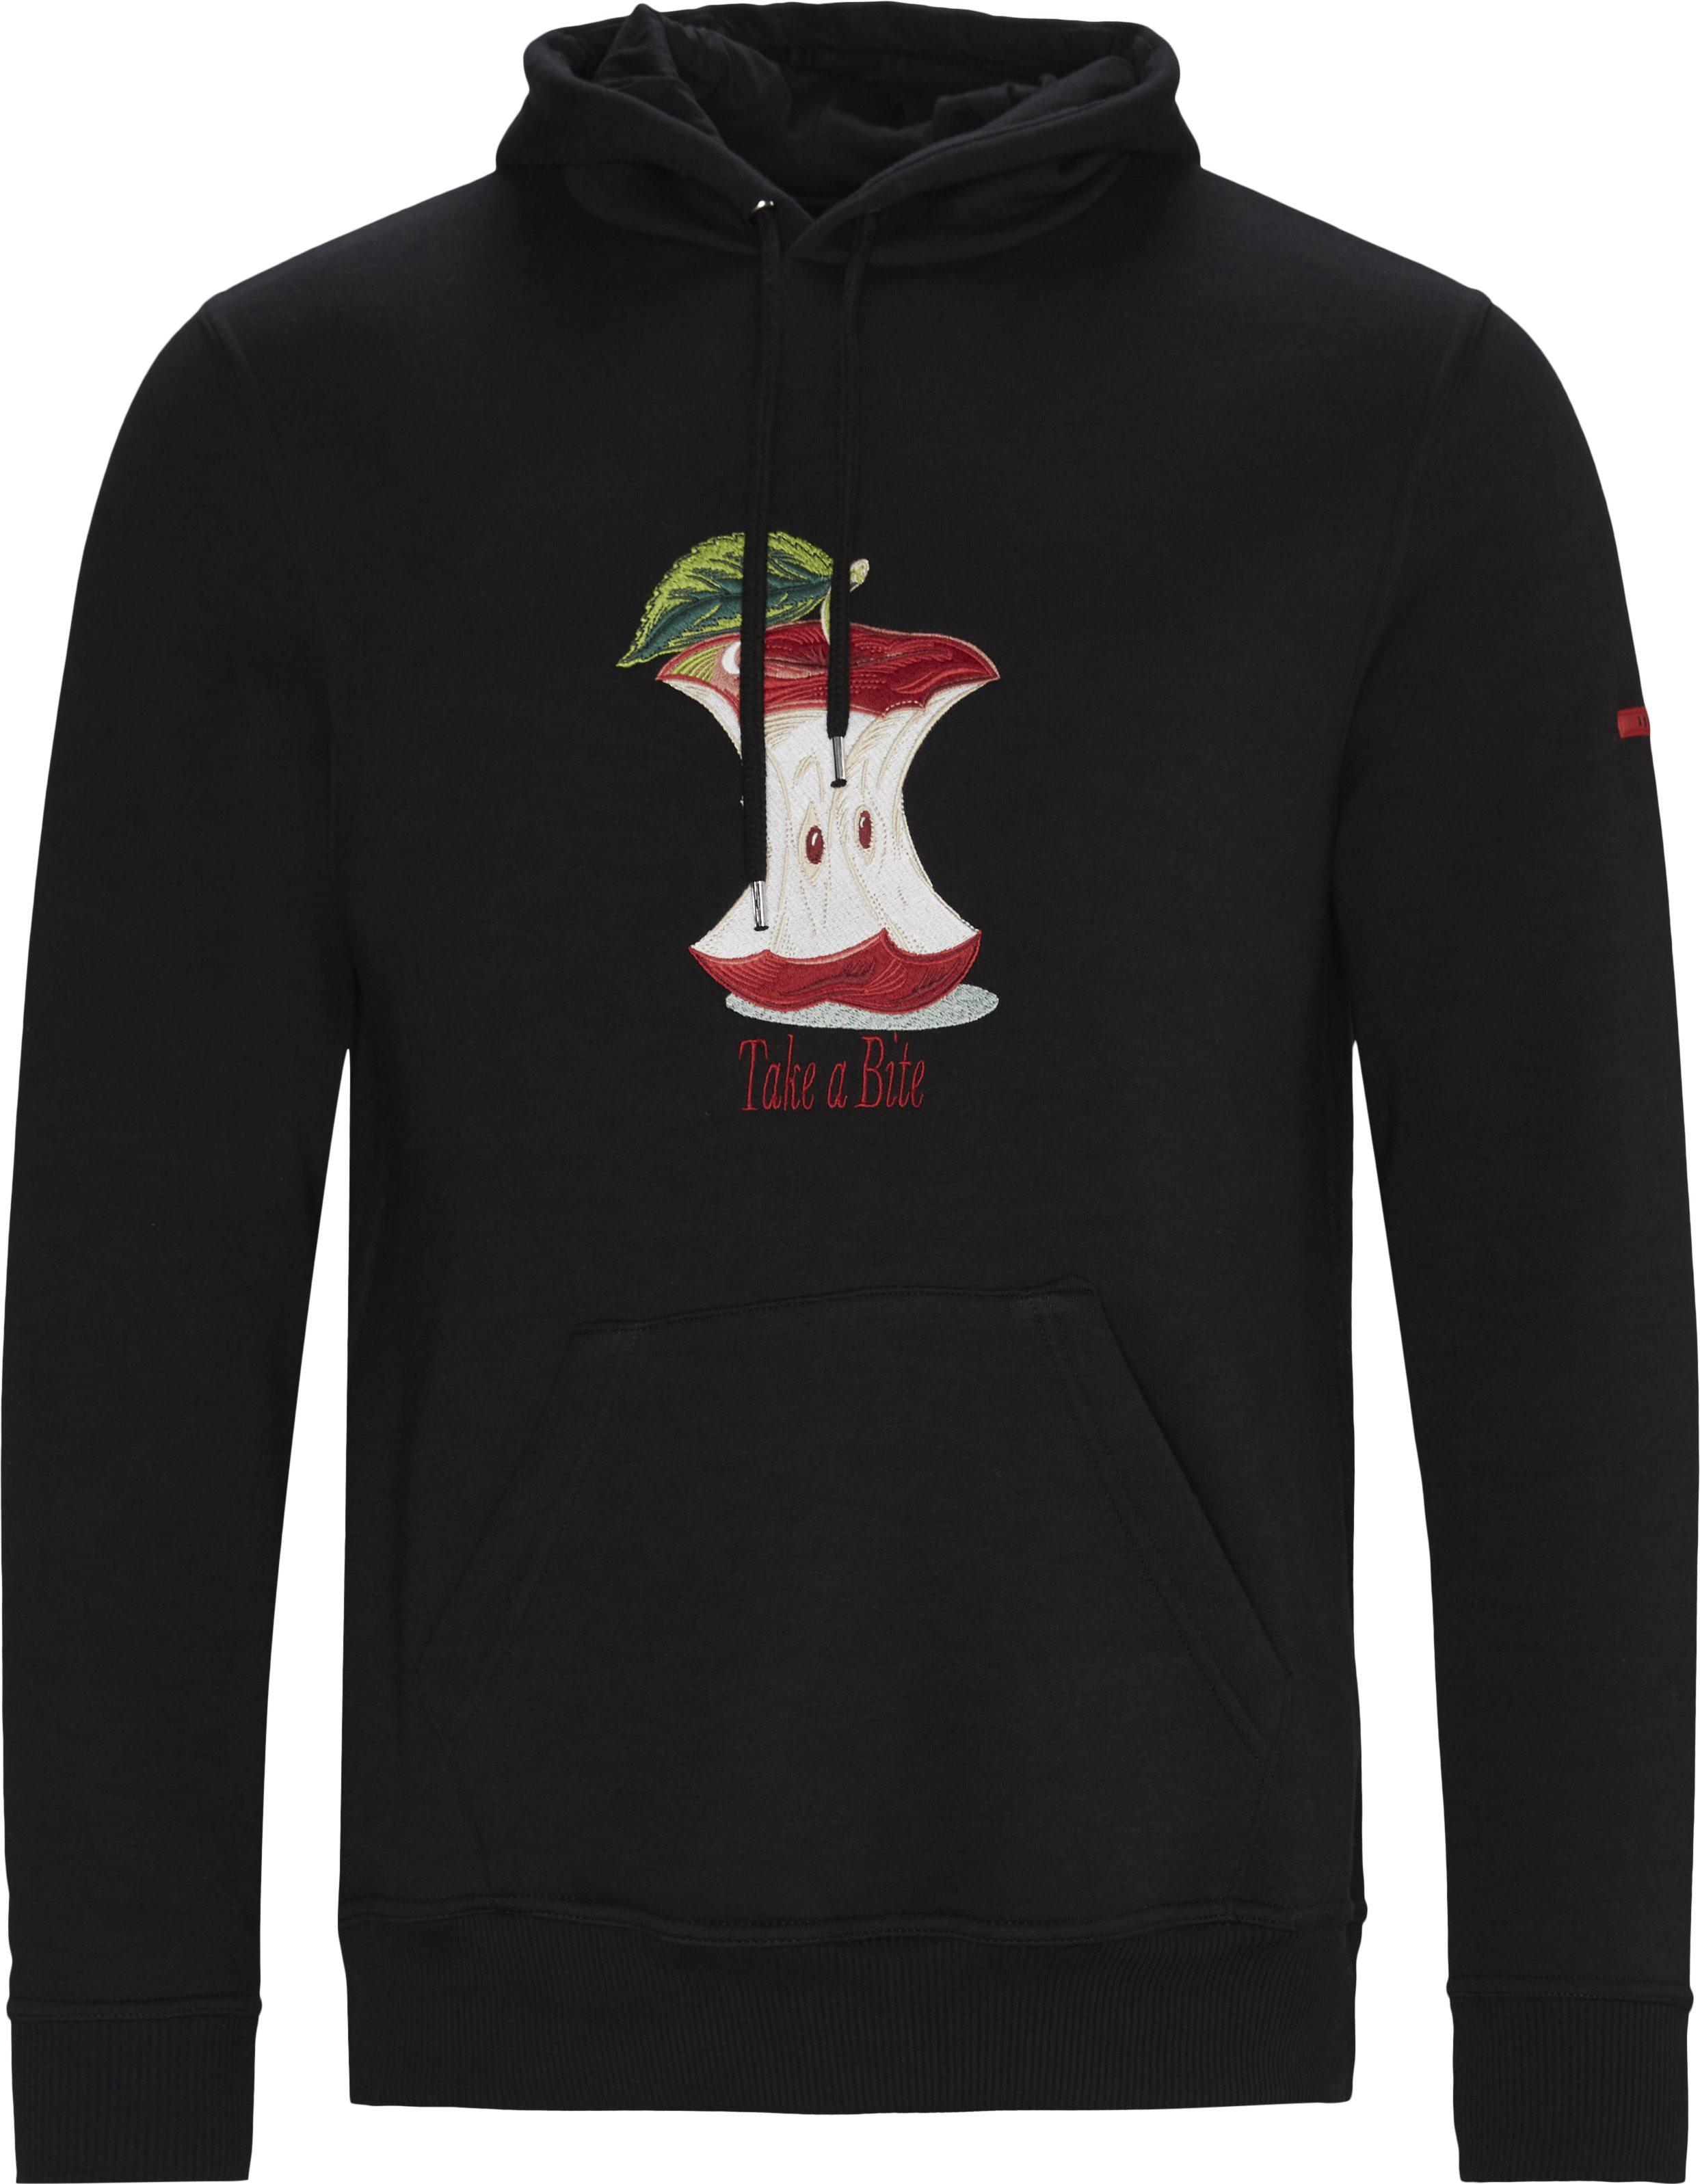 Apple Hoodie - Sweatshirts - Sort